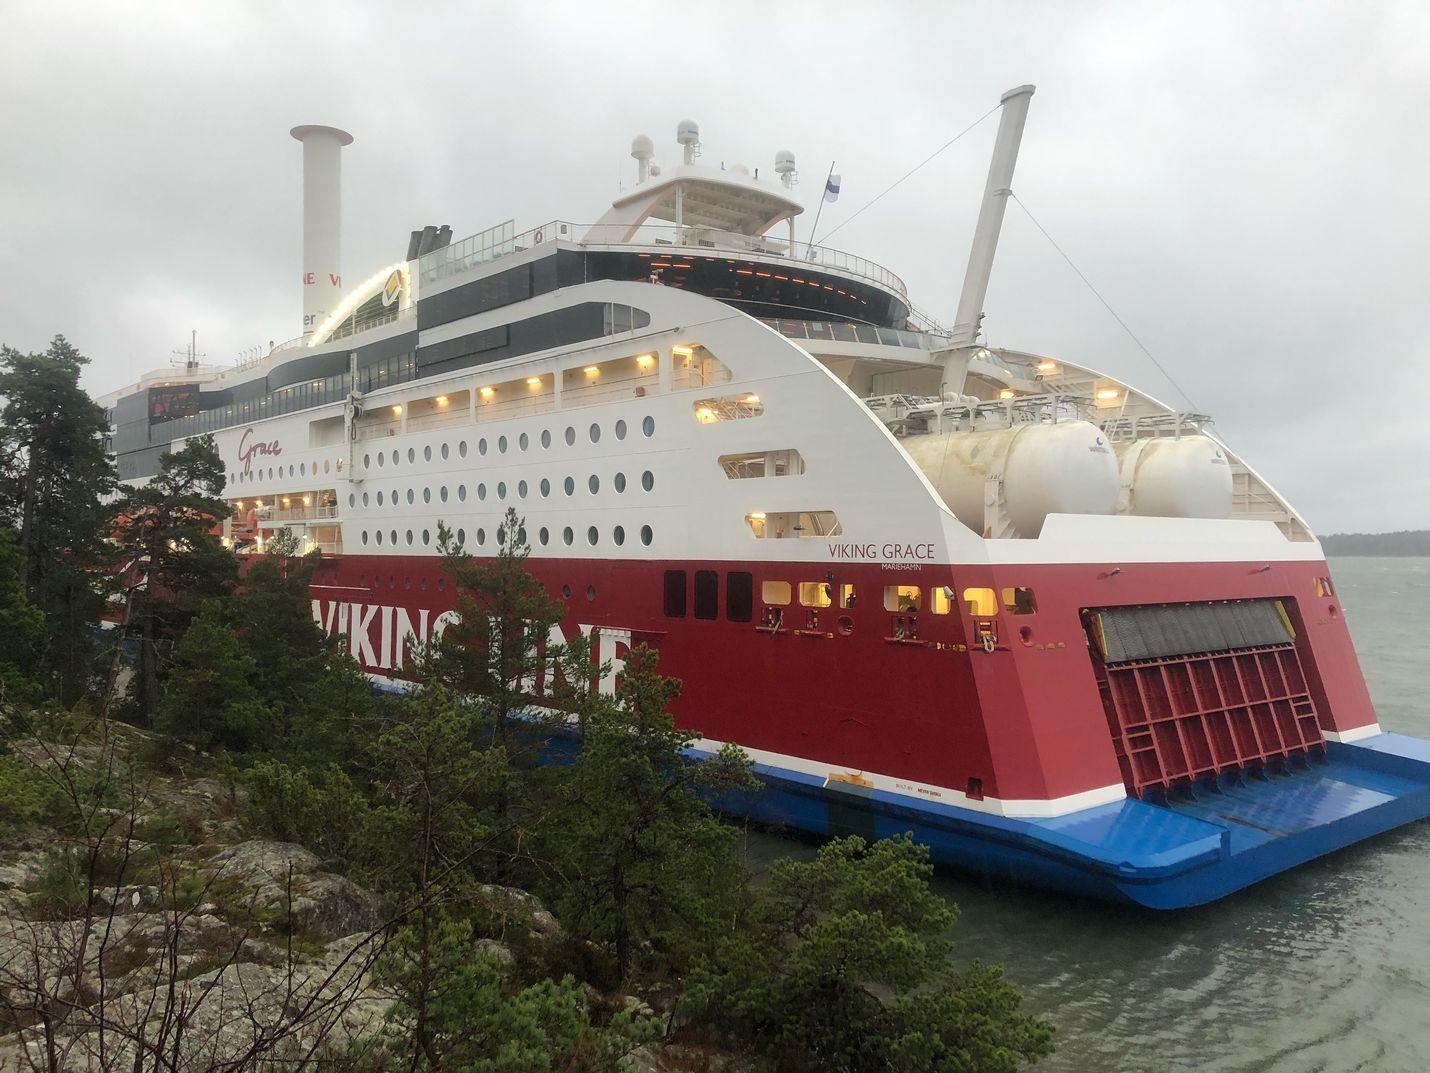 Matkustajalaiva Viking Grace sai pohjakosketuksen lauantaina.